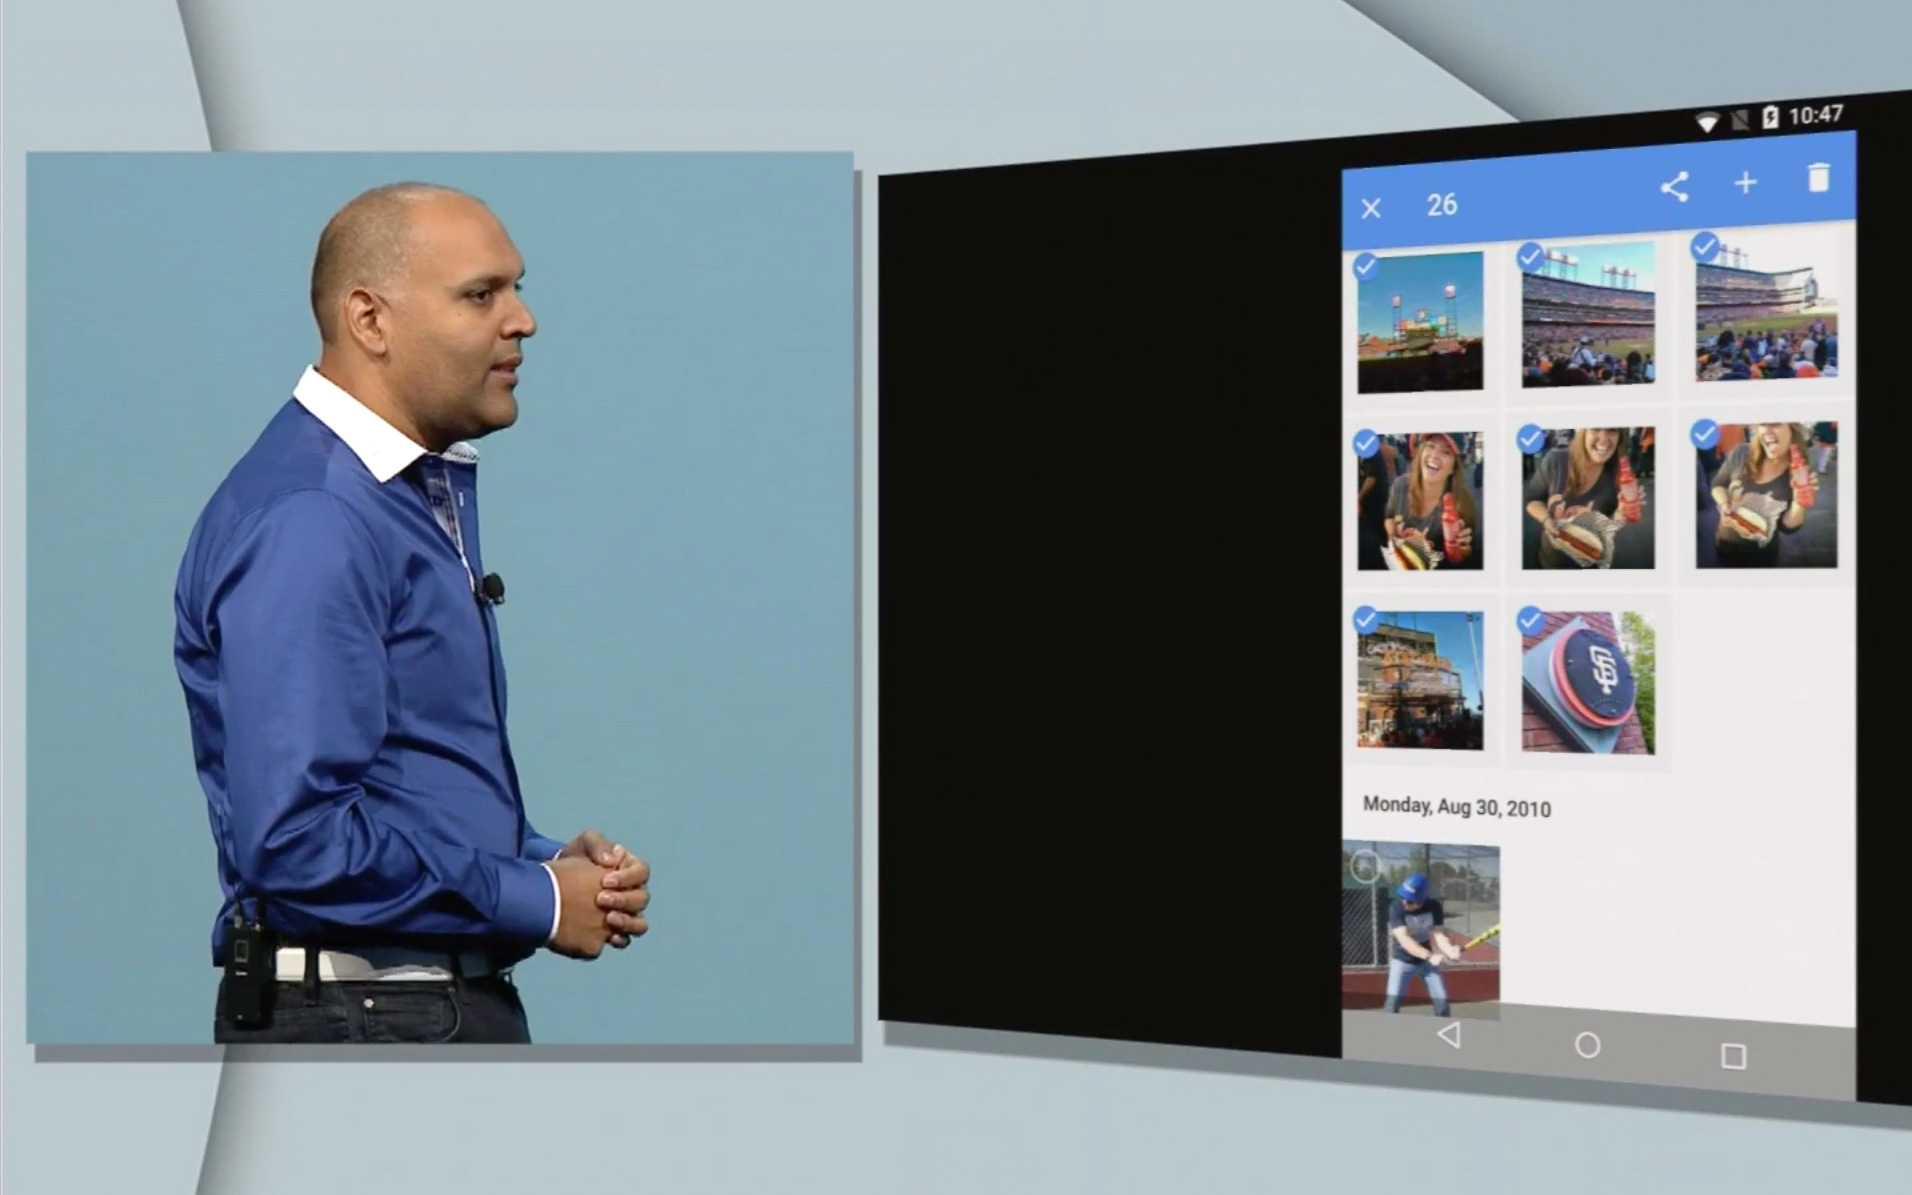 Google Photo verbessert das Markieren, Sharen, Wiederfinden, Ansehen und Verwalten der Fotos. Man muss sie allerdings in der Google-Cloud speichern.